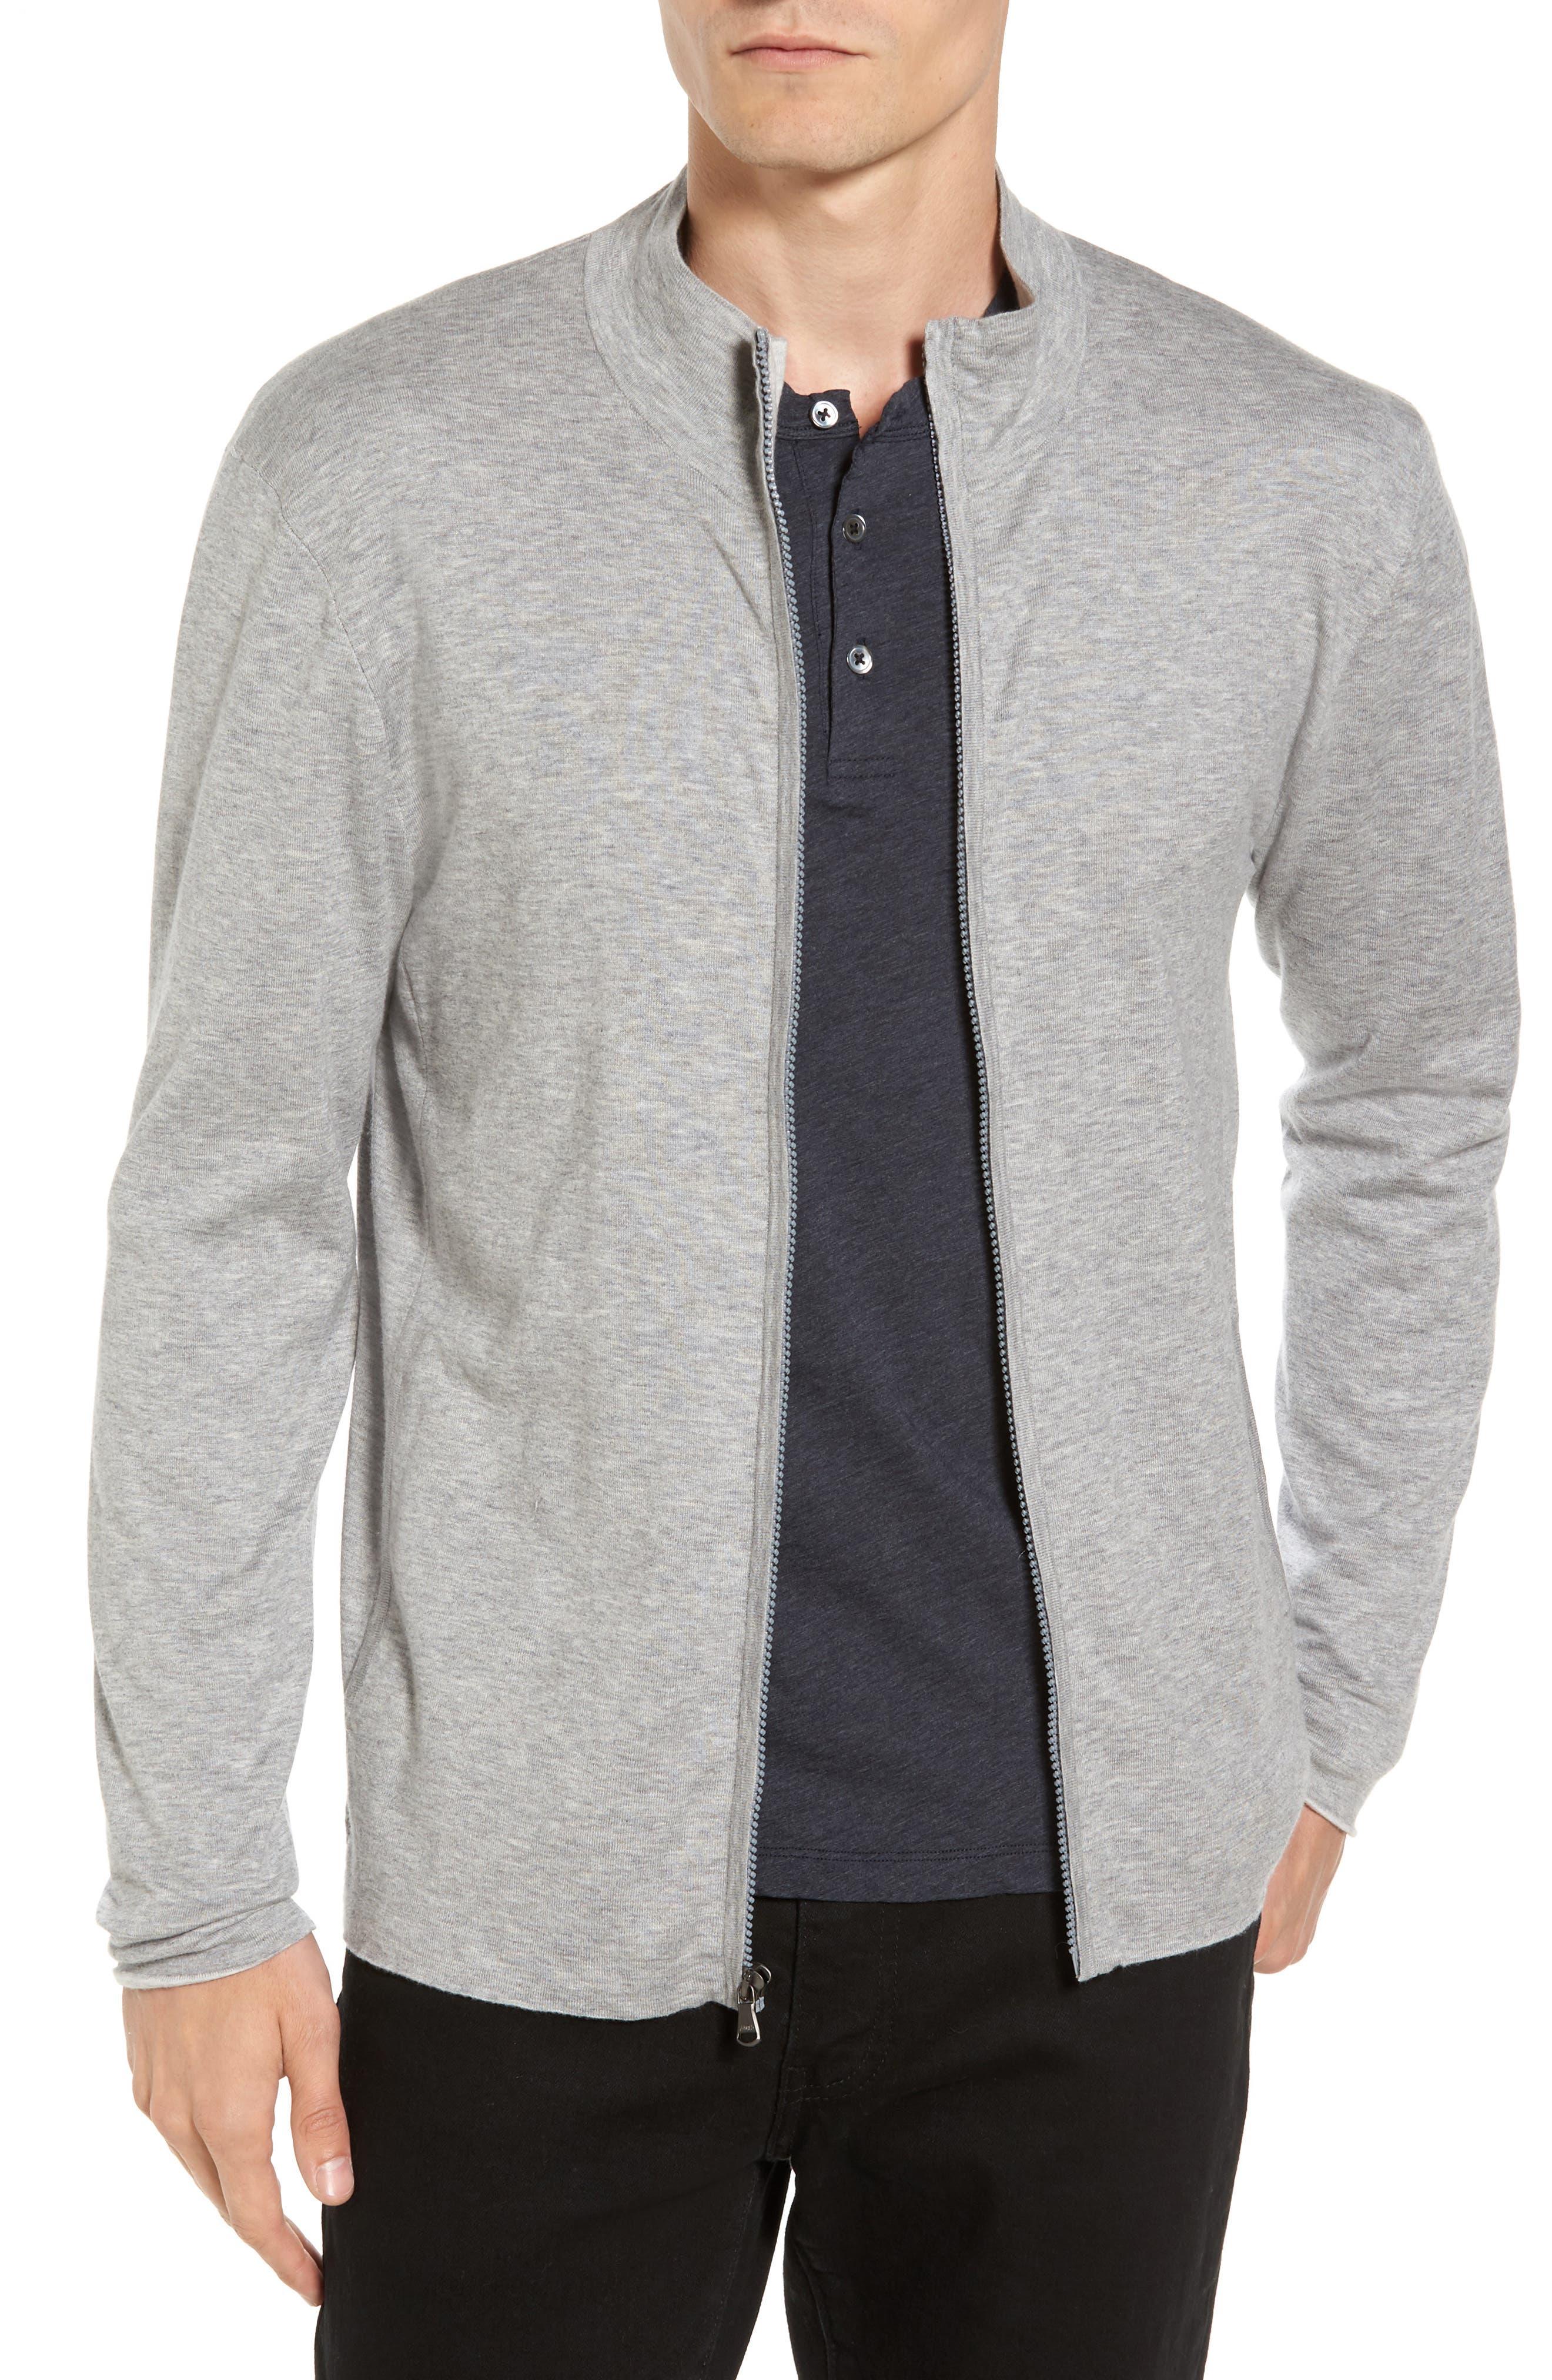 Alternate Image 1 Selected - James Perse Mock Neck Zip Sweatshirt